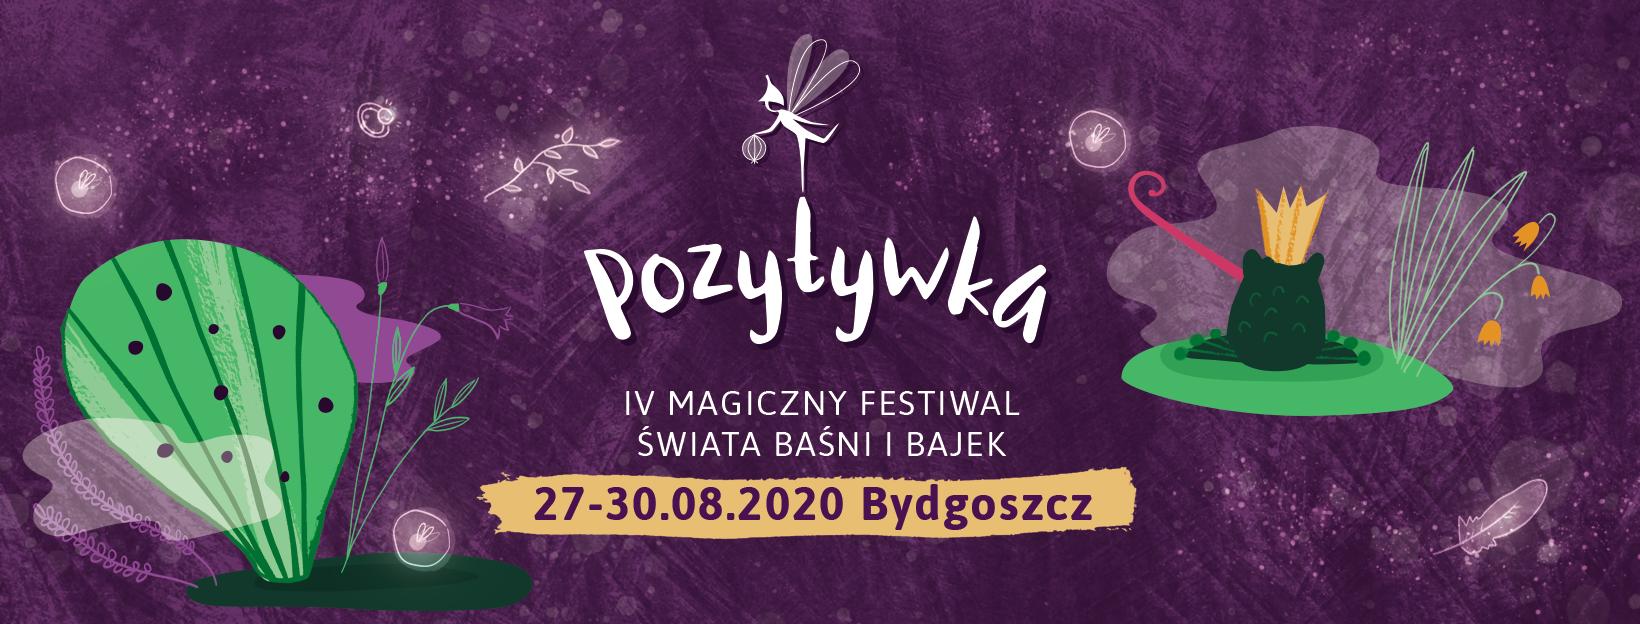 POZYTYWKA - Magiczny Festiwal Świata Baśni i Bajek w Bydgoszczy